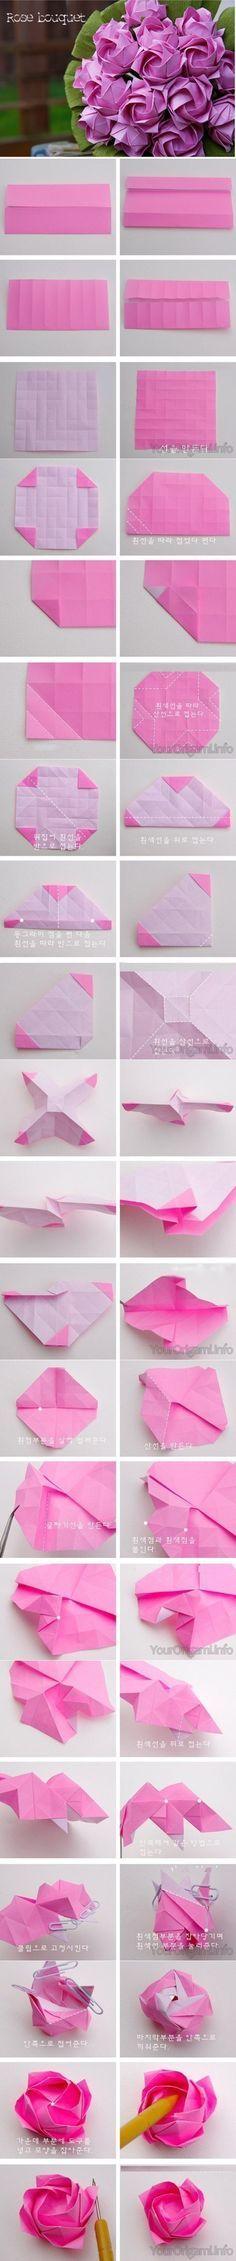 DIY-Beautiful-Origami-Paper-Roses tutorial